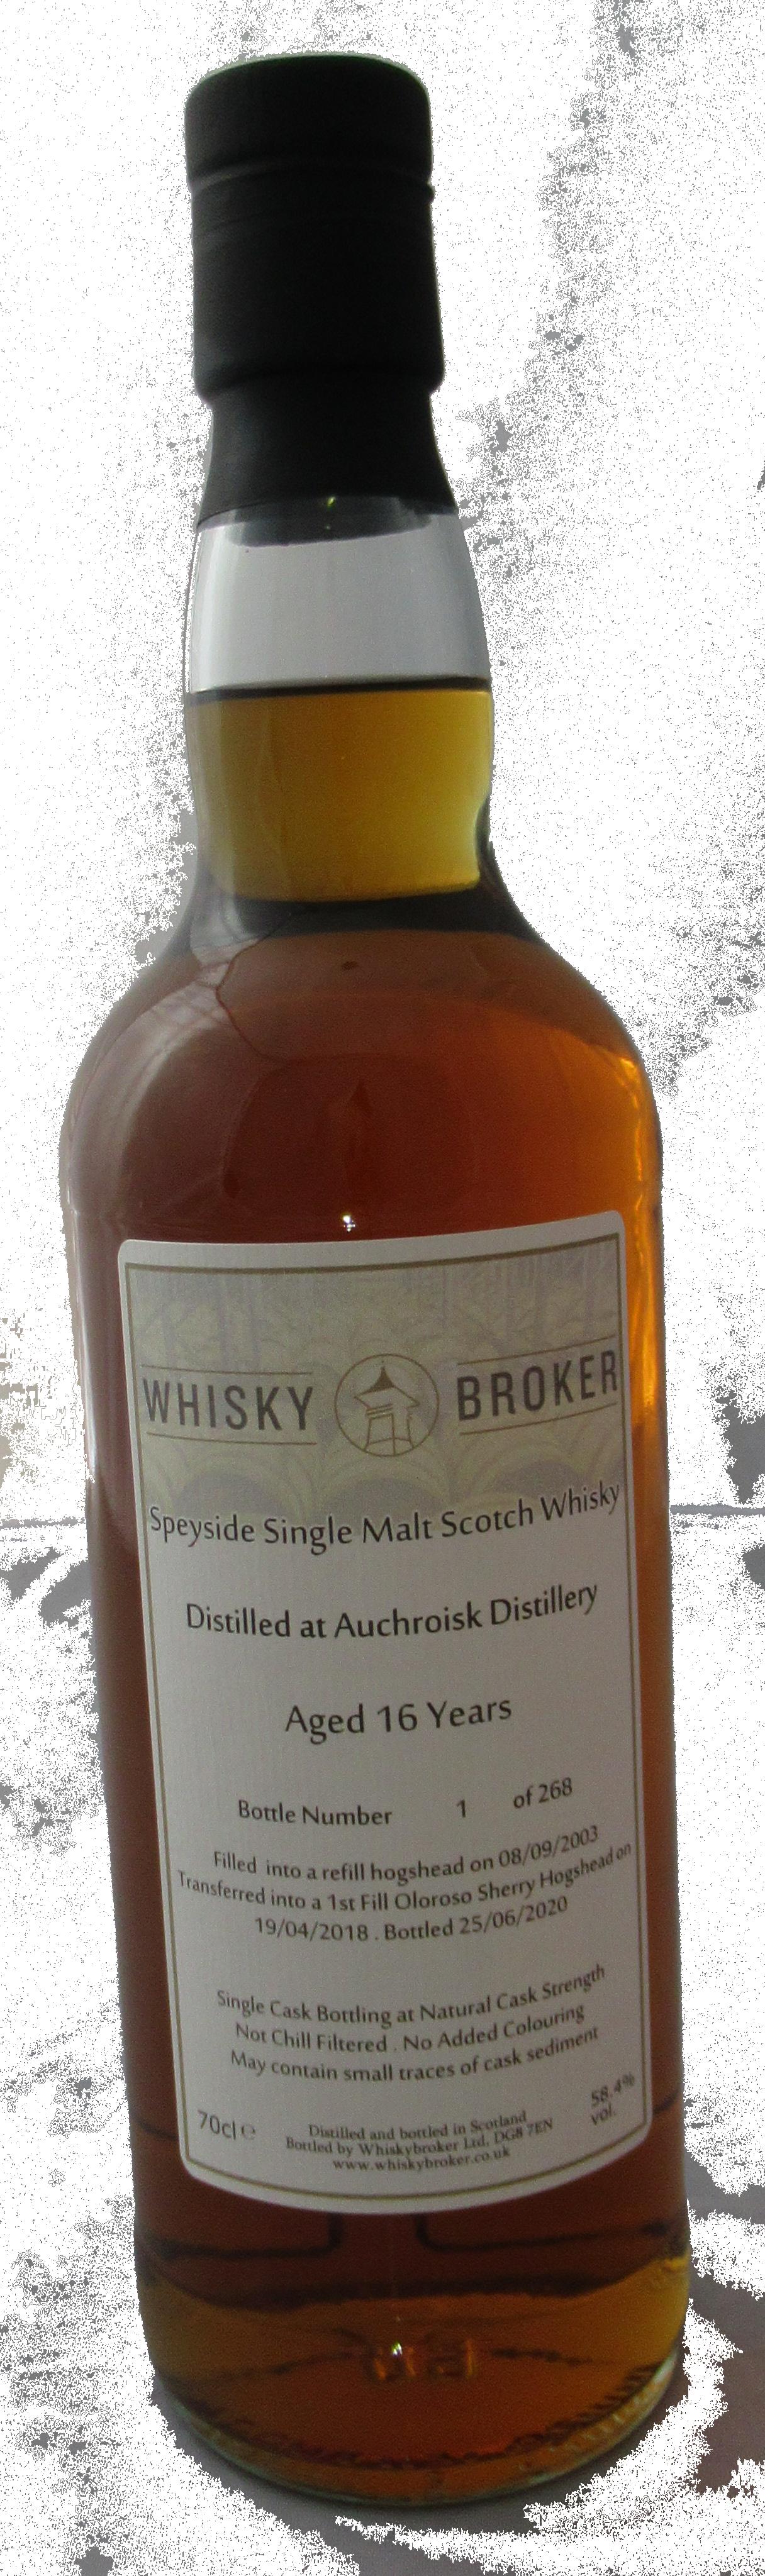 70cl, 16yo Distilled at Auchroisk Distillery